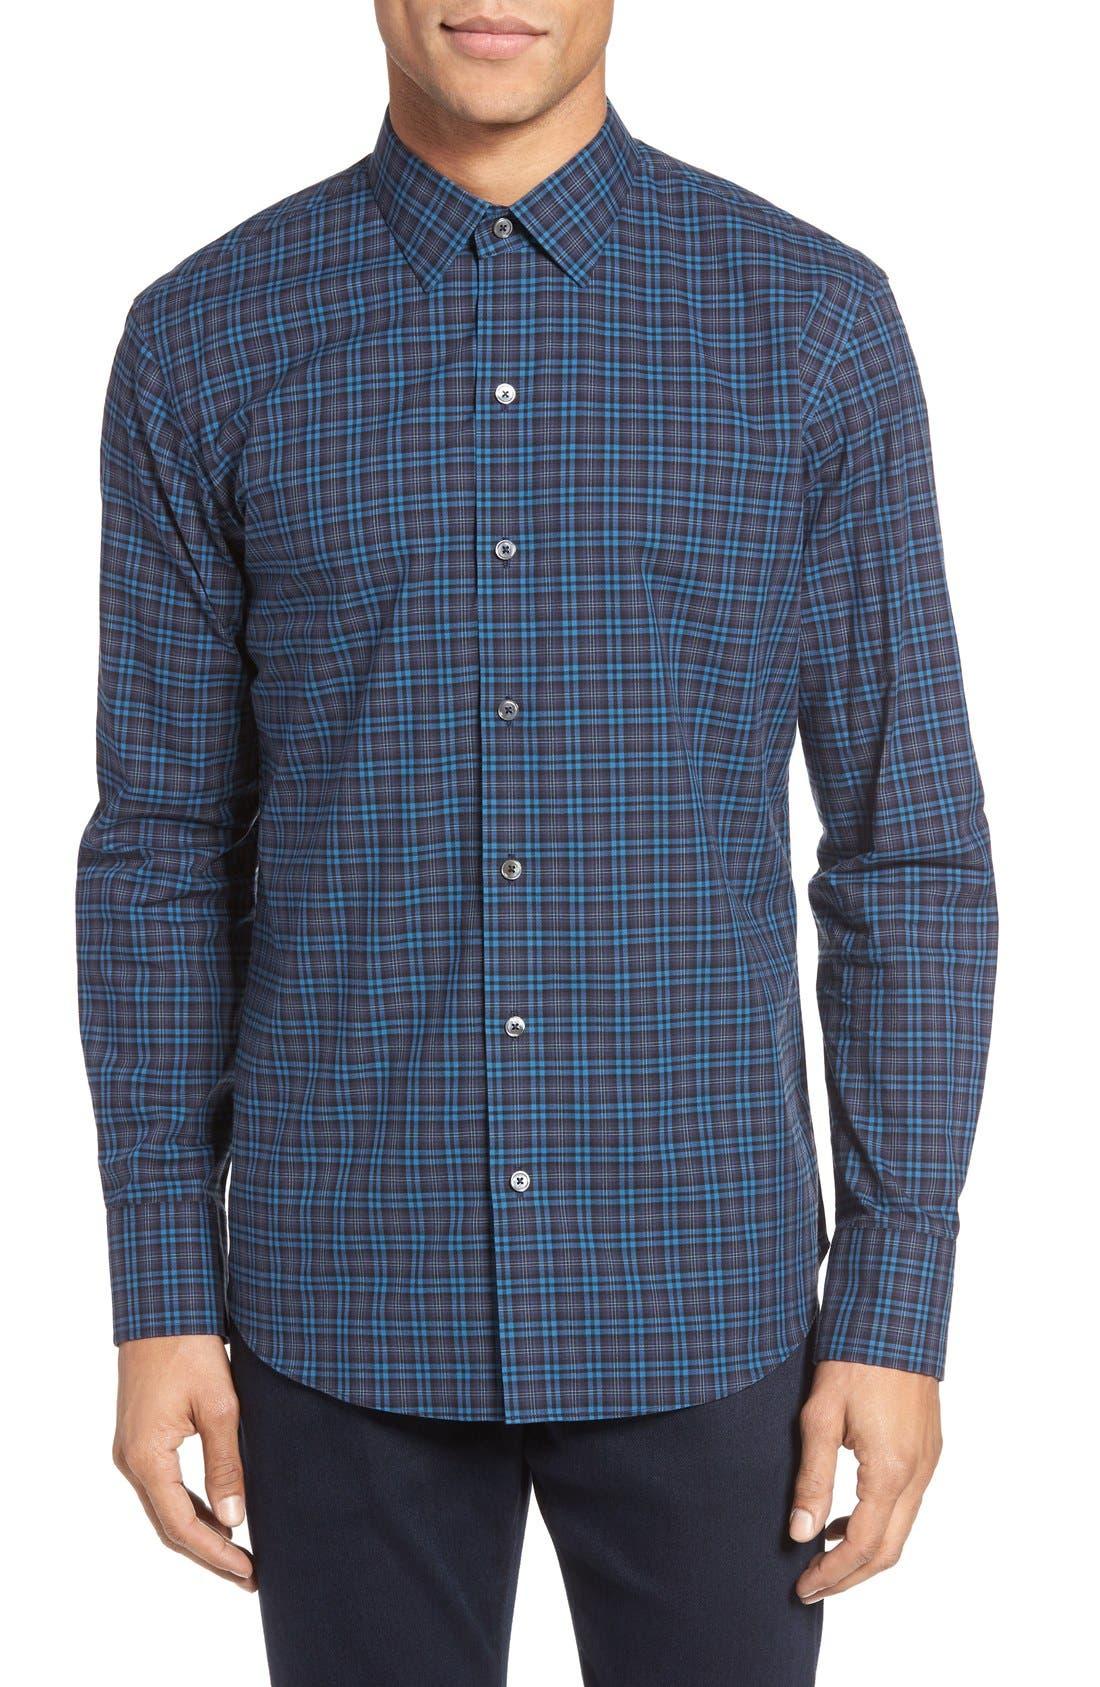 Adler Trim Fit Plaid Sport Shirt,                         Main,                         color, 402